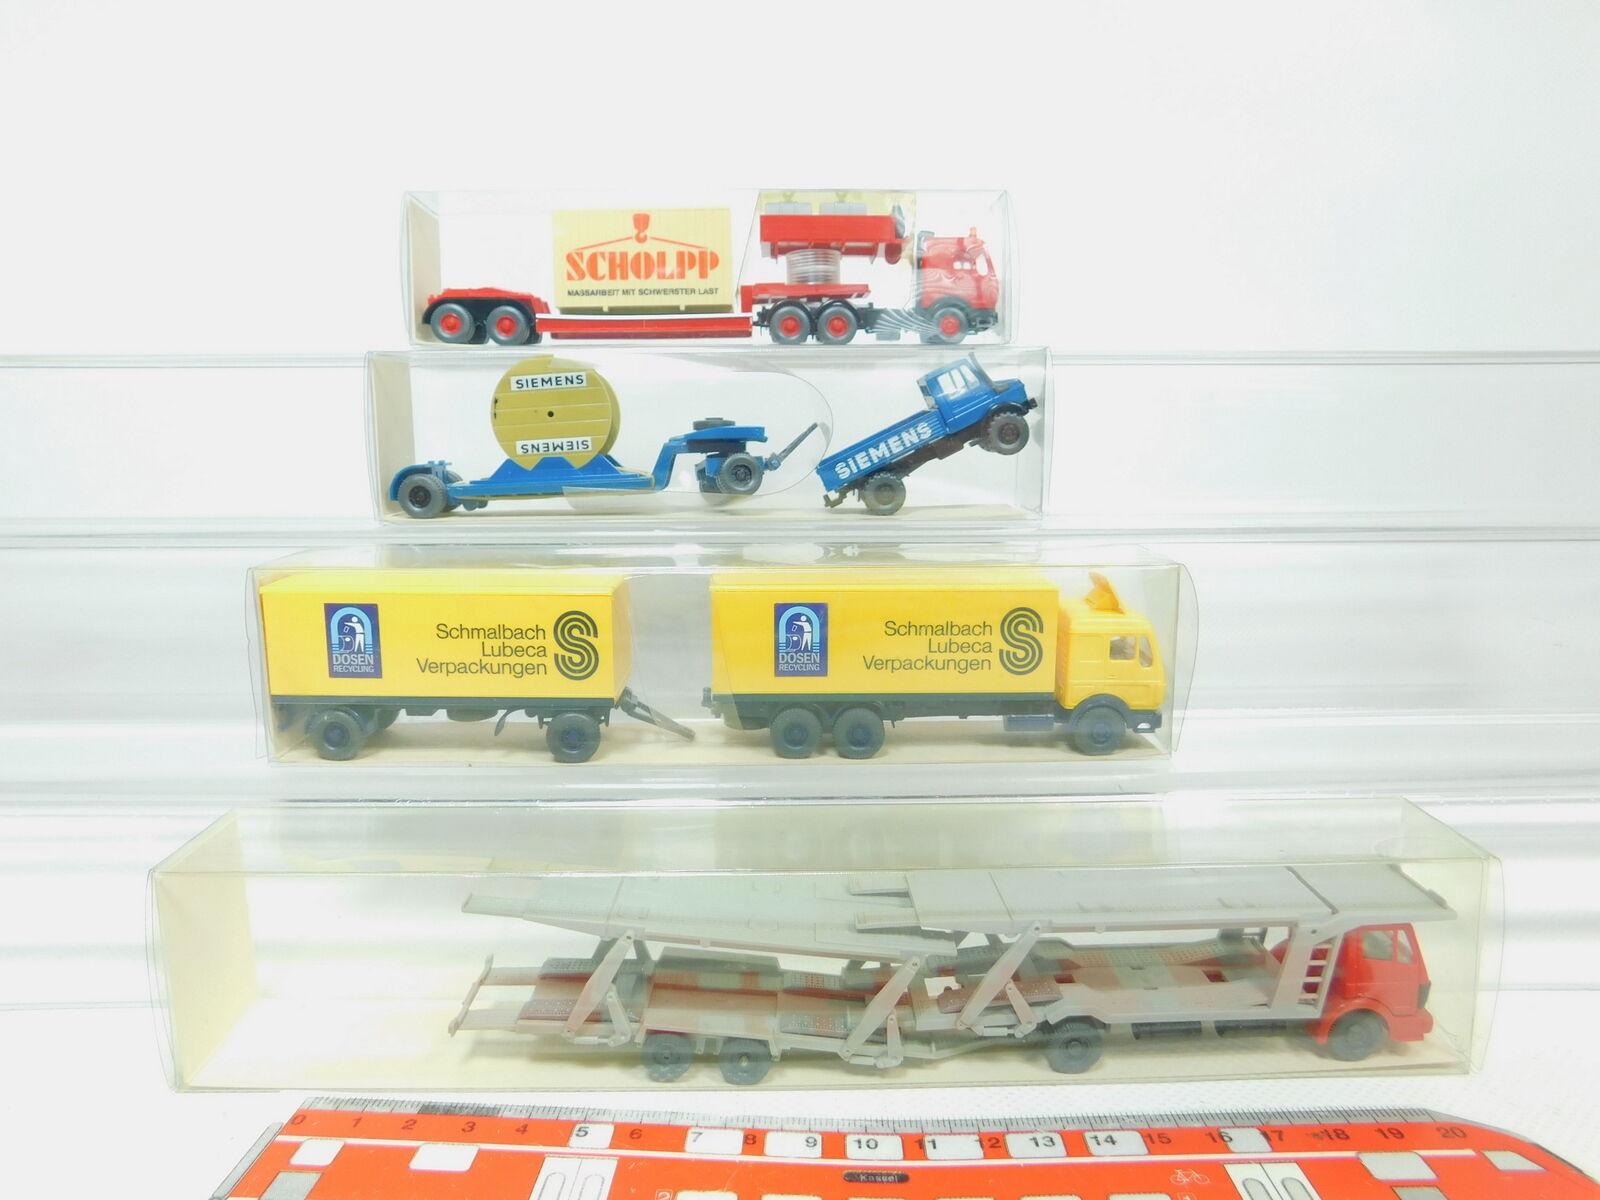 calidad fantástica Bn39-0, 5    4x Wiking h0 1 87 camión MB  457 + 580 + 502 1 Siemens + 504, Neuw + embalaje original  punto de venta